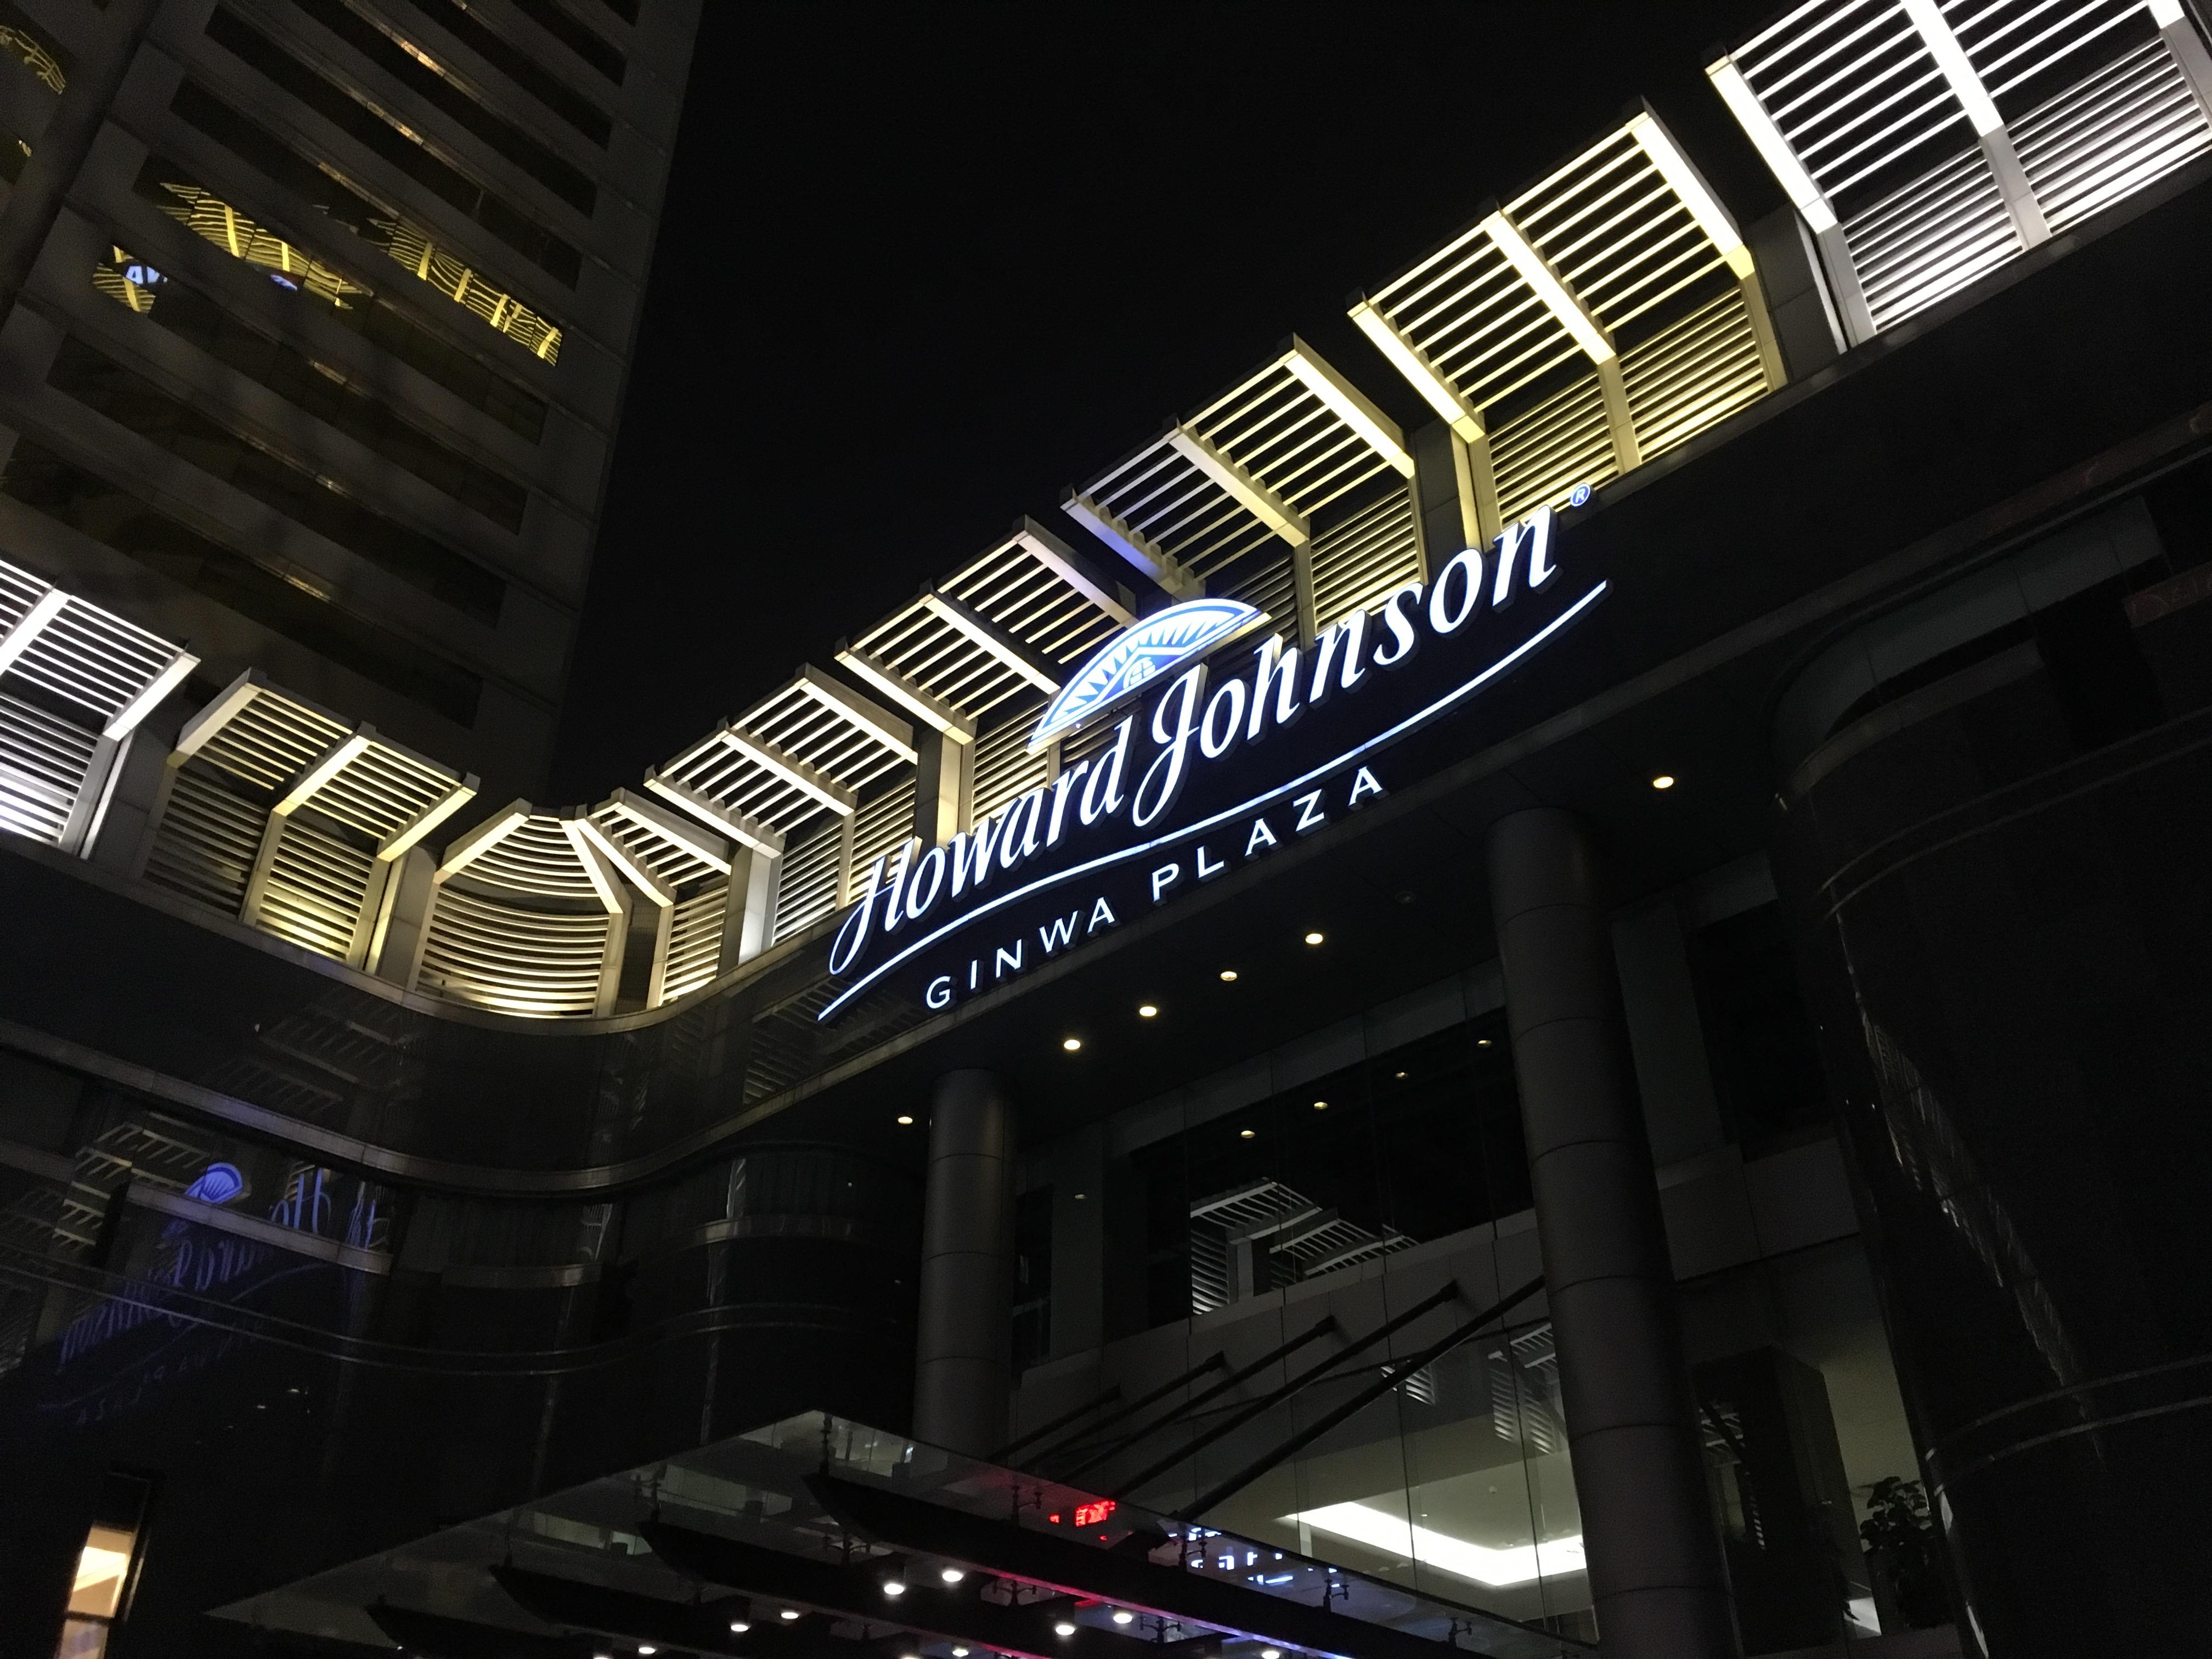 西安ハワードジョンソンギンワプラザホテル